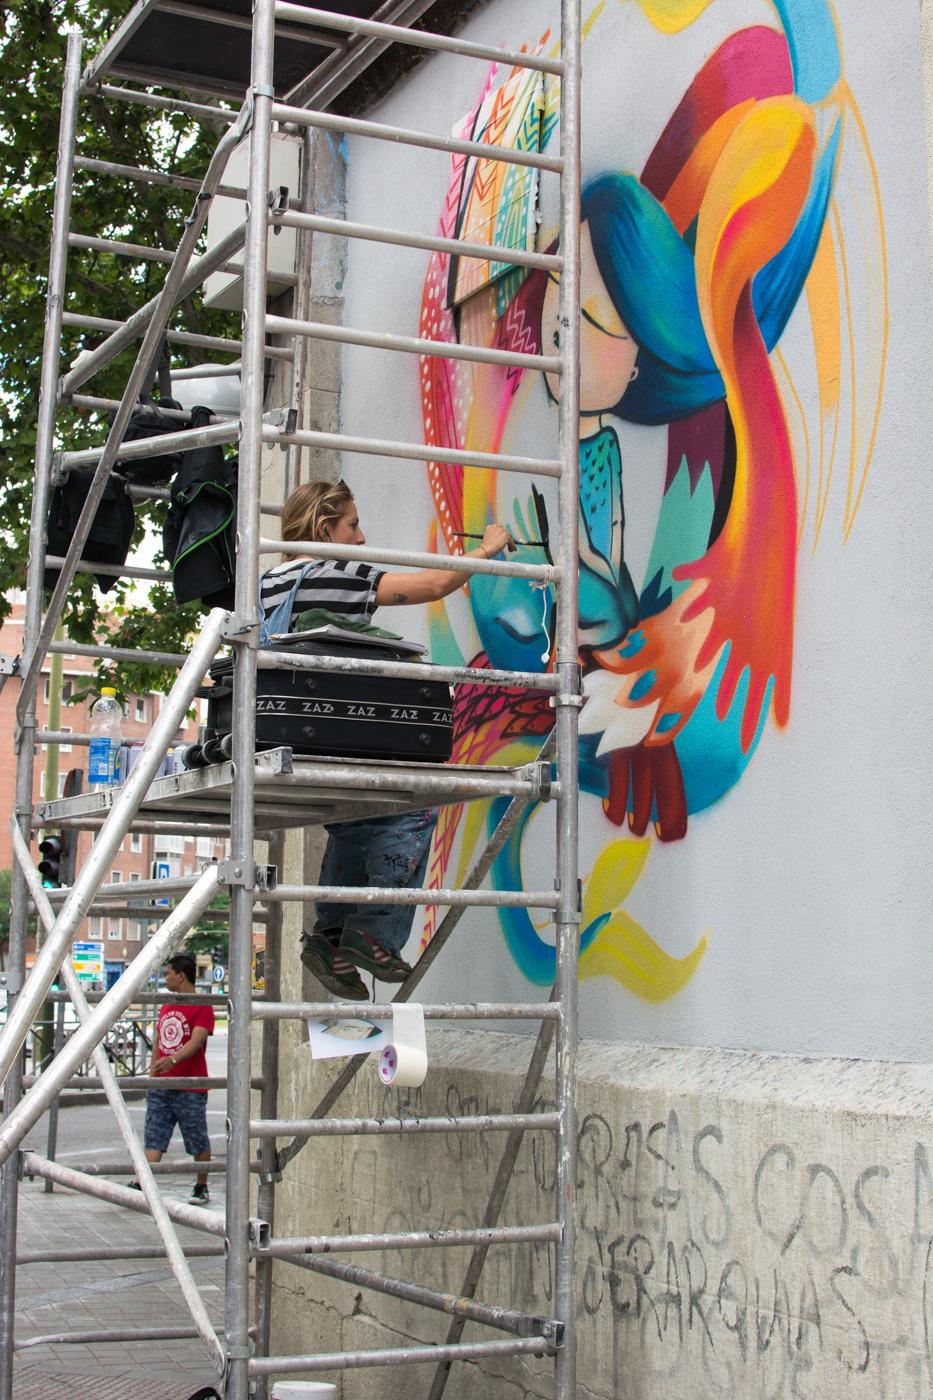 Julieta XLF - MurosTabacalera by Guillermo de la Madrid - Madrid Street Art Project -001-3.jpg